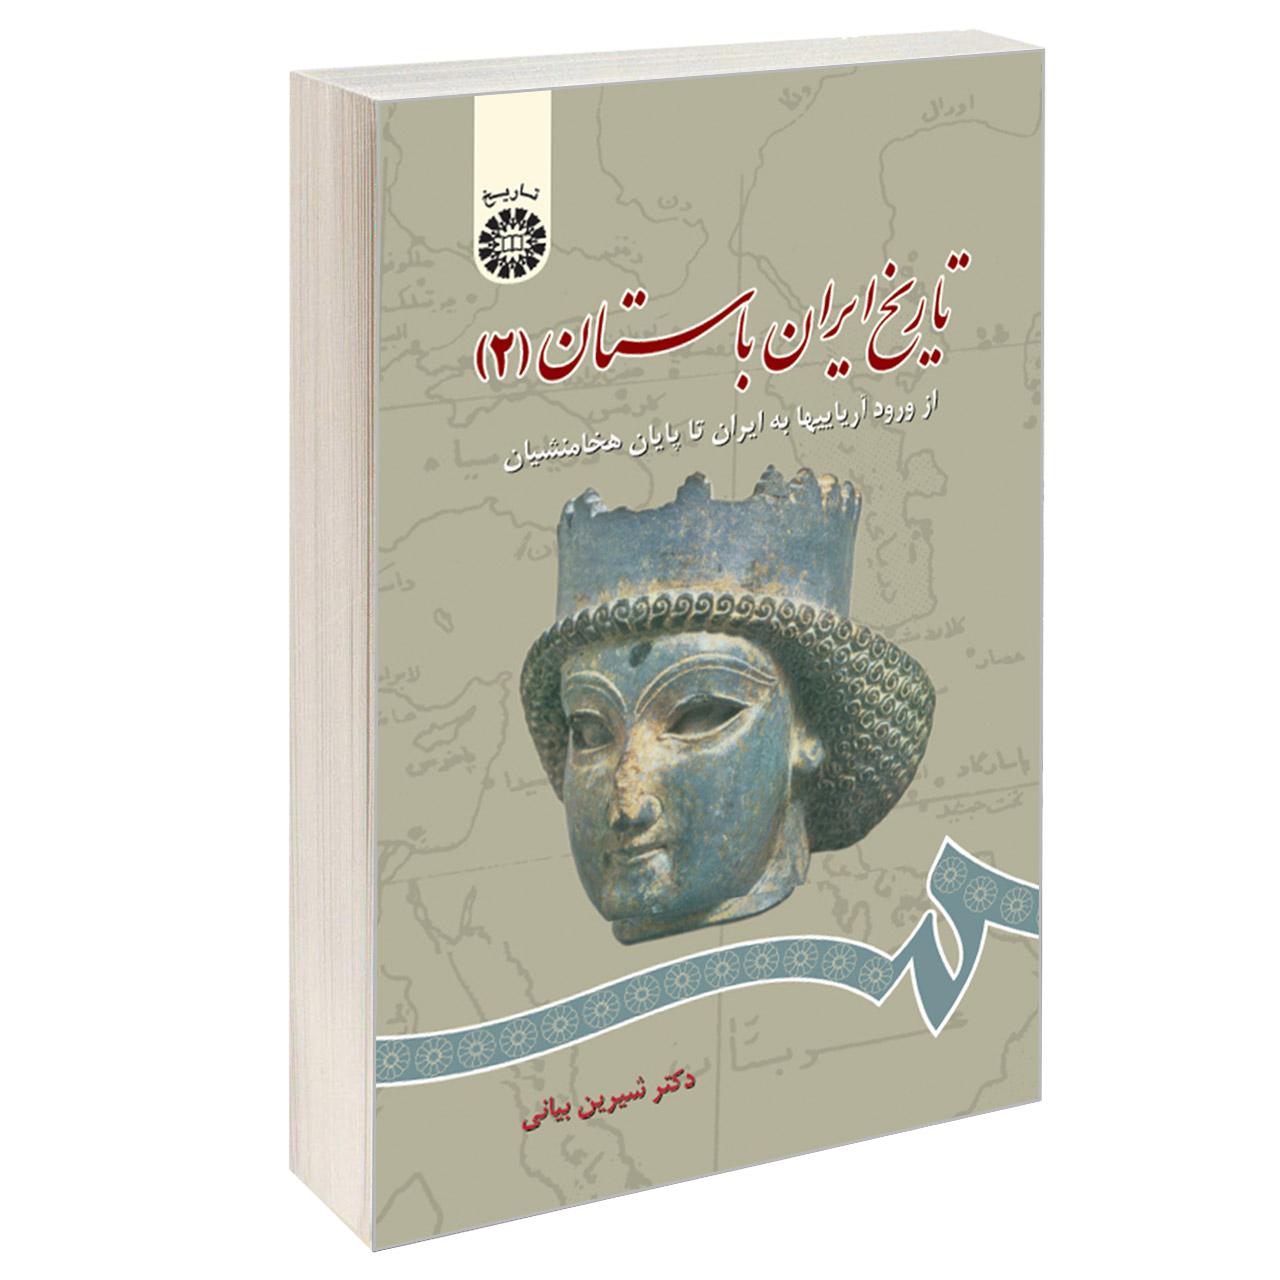 خرید                      کتاب تاریخ ایران باستان (2) از ورود آریاییها به ایران تا پایان هخامنشیان اثر دکتر شیرین بیانی نشر سمت